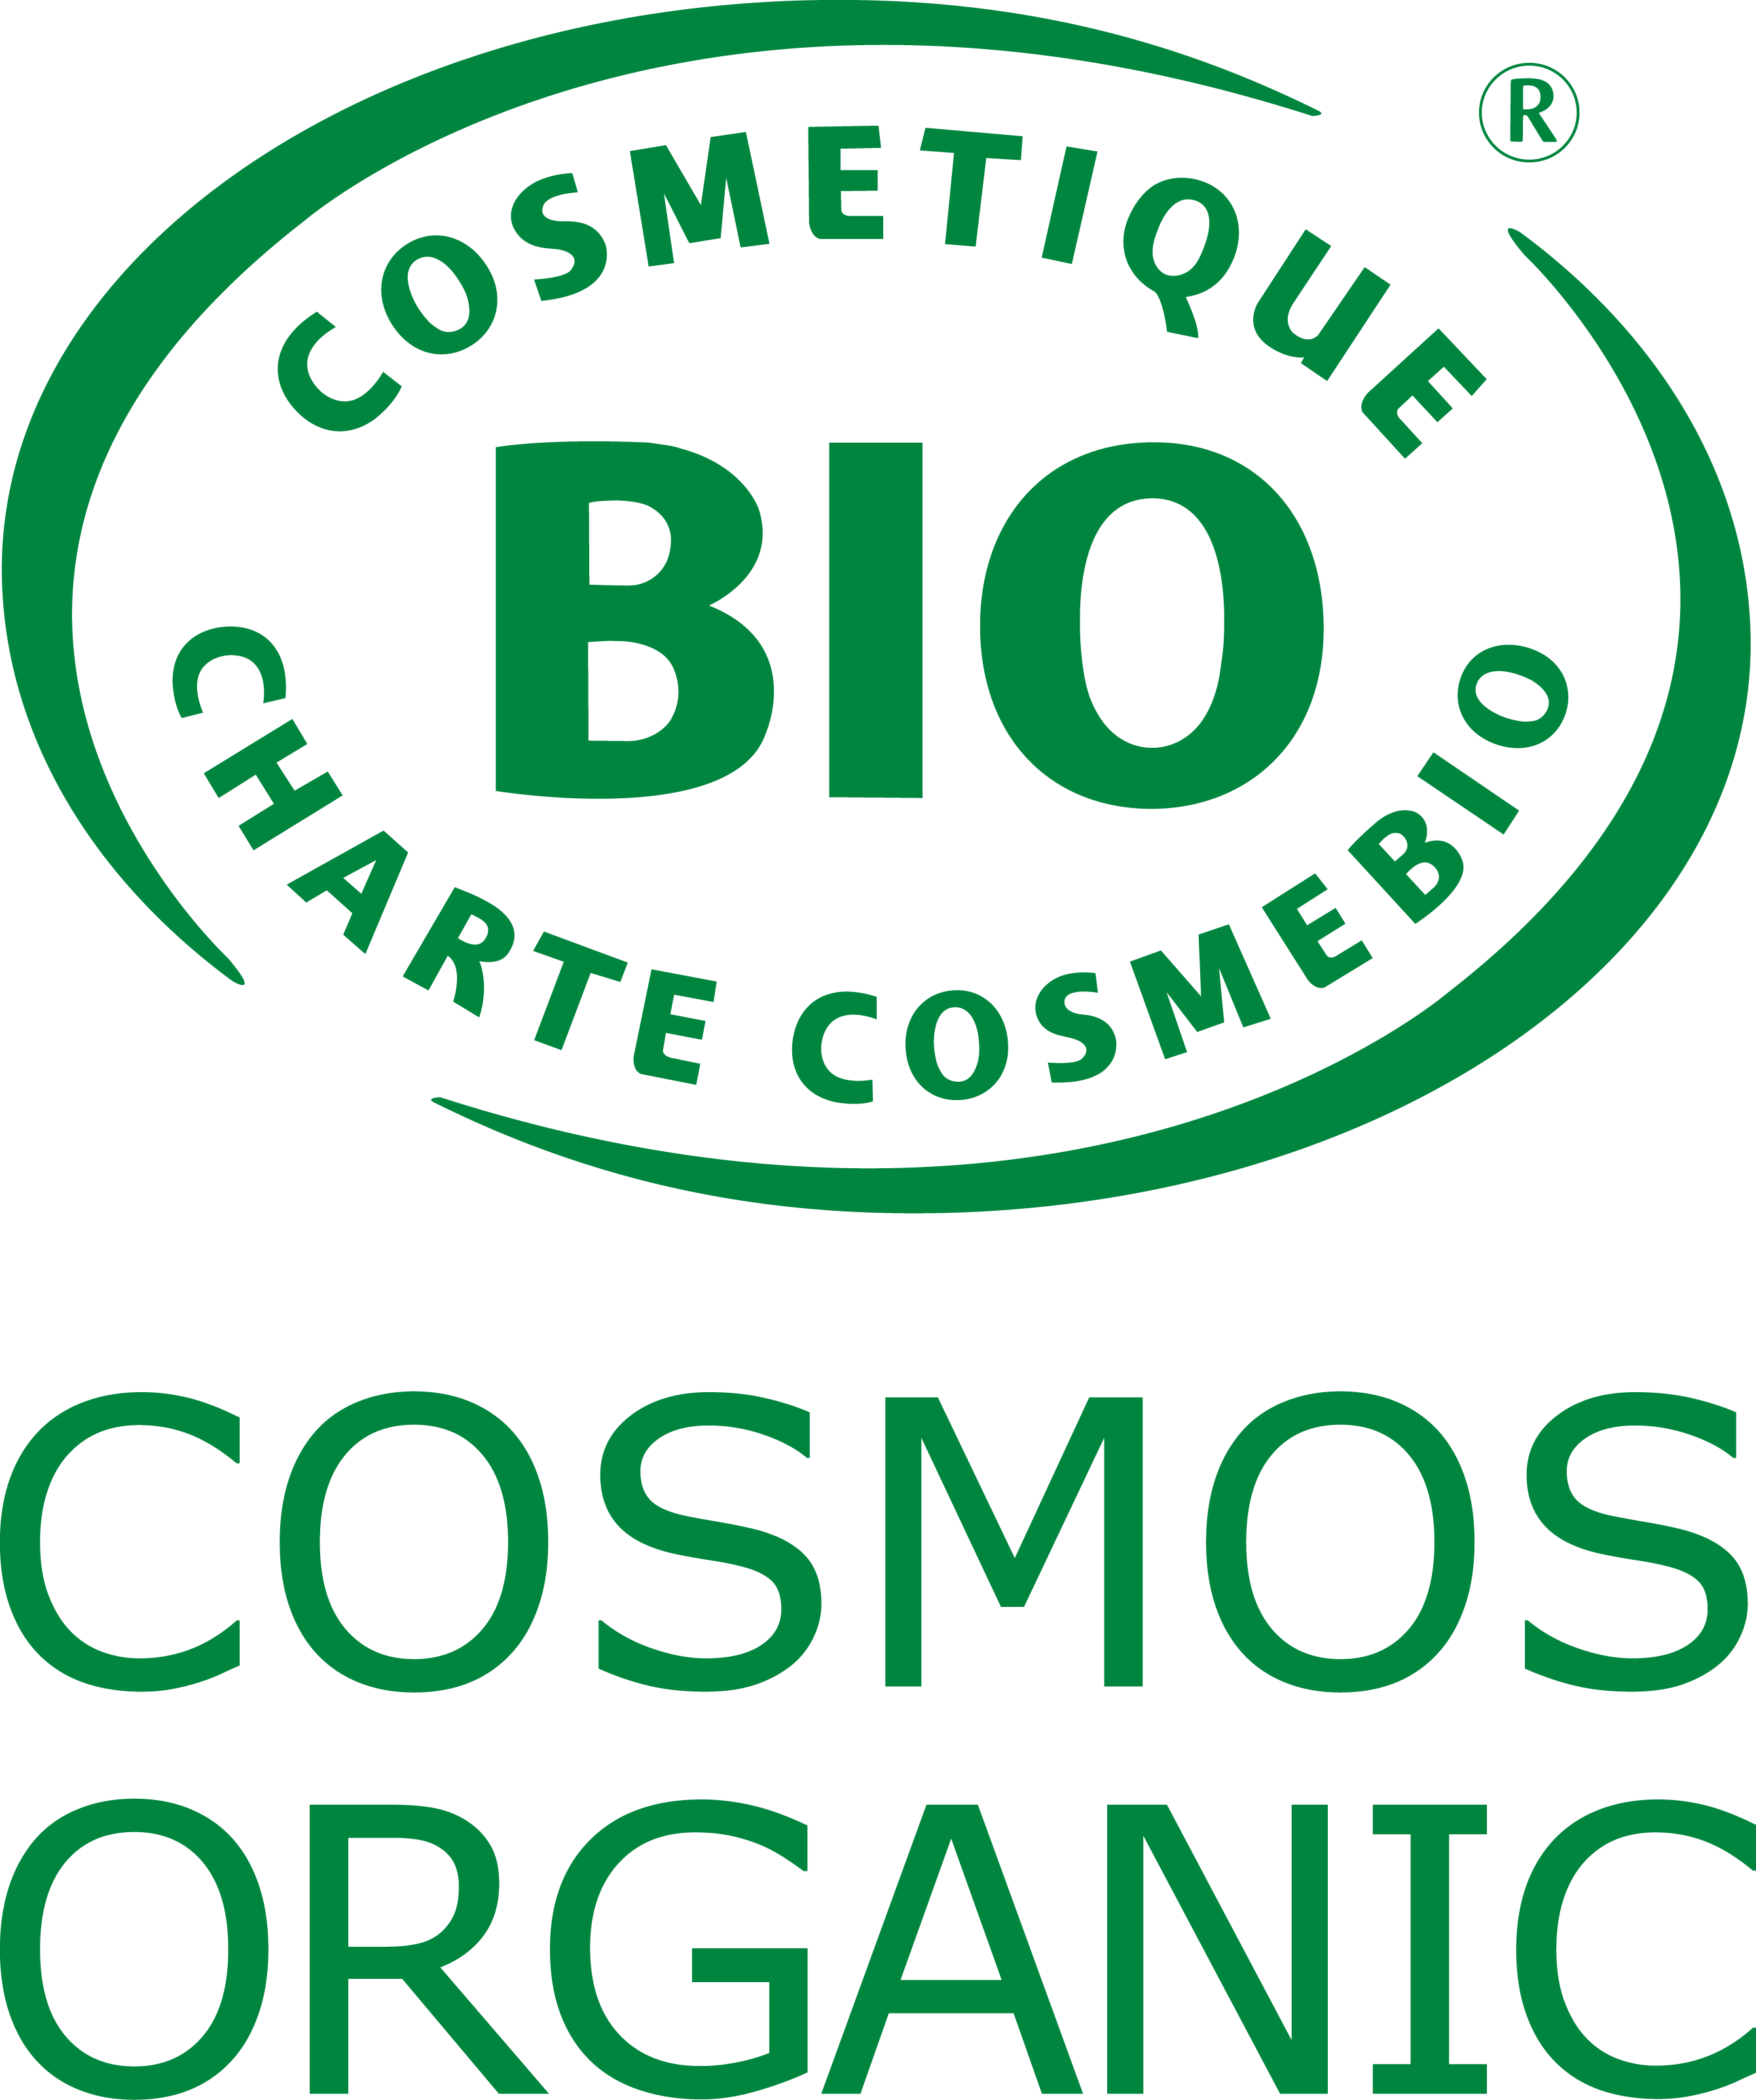 Logo label Cosmebio BIO